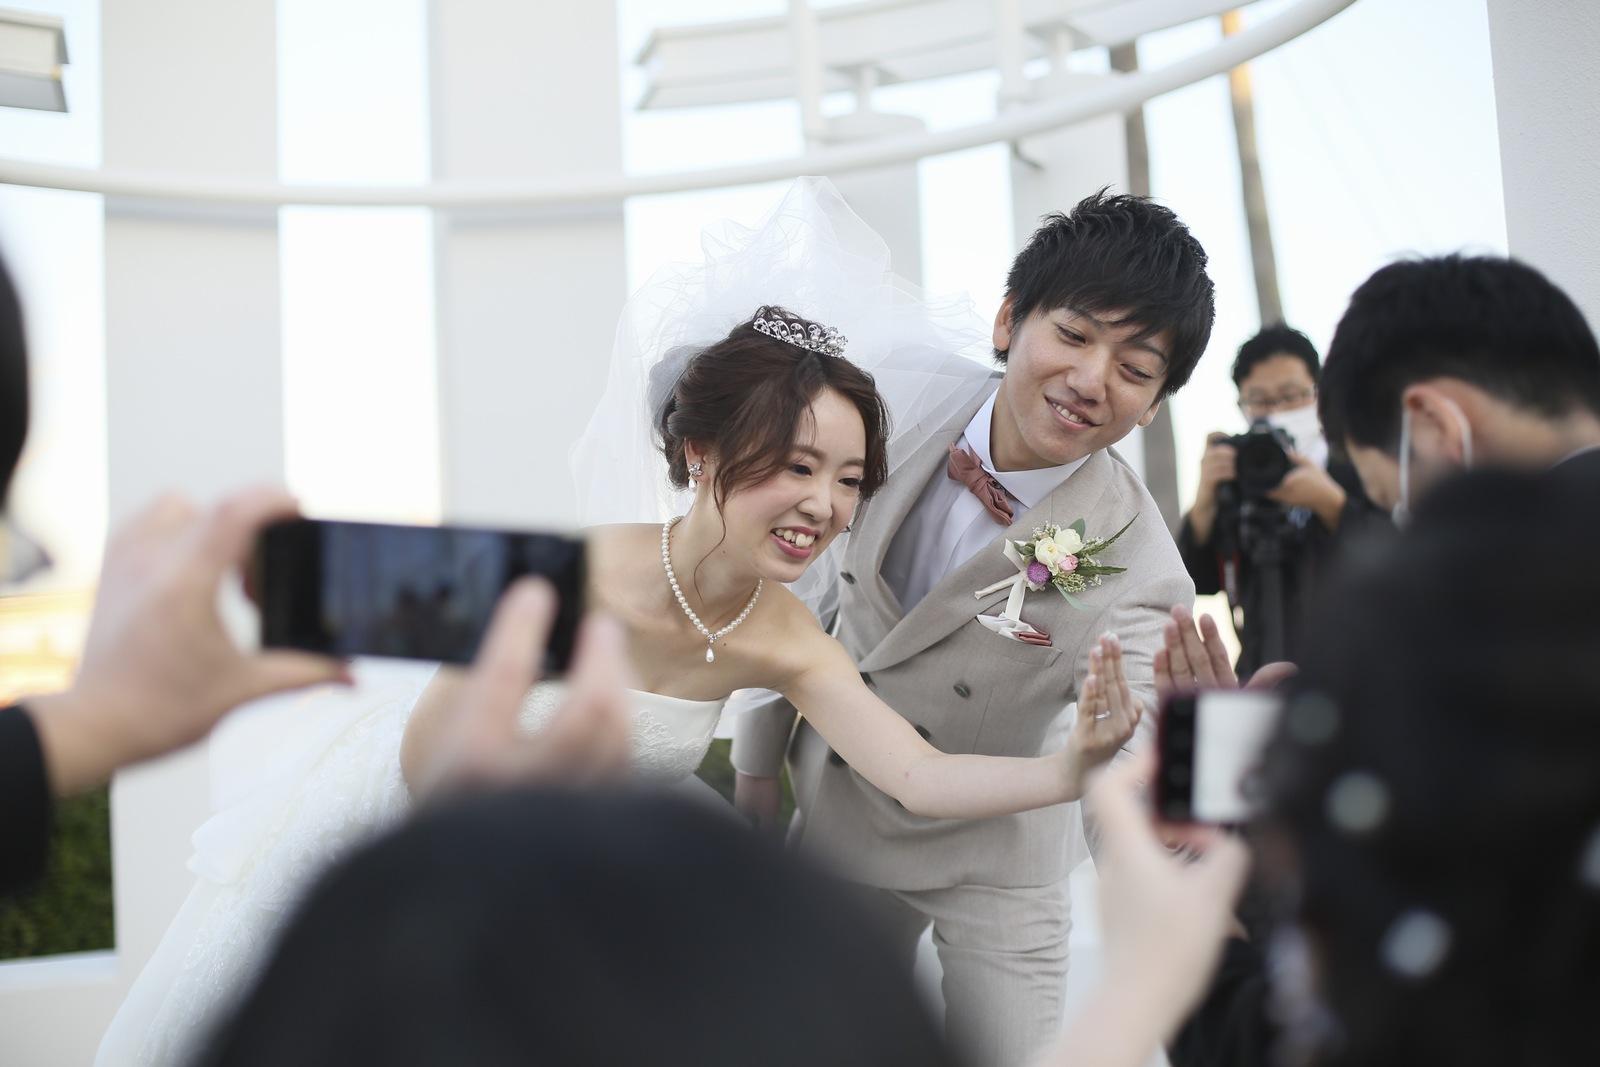 徳島県の結婚式場ブランアンジュでZoomを使ってゲストにコメントを送る新郎新婦